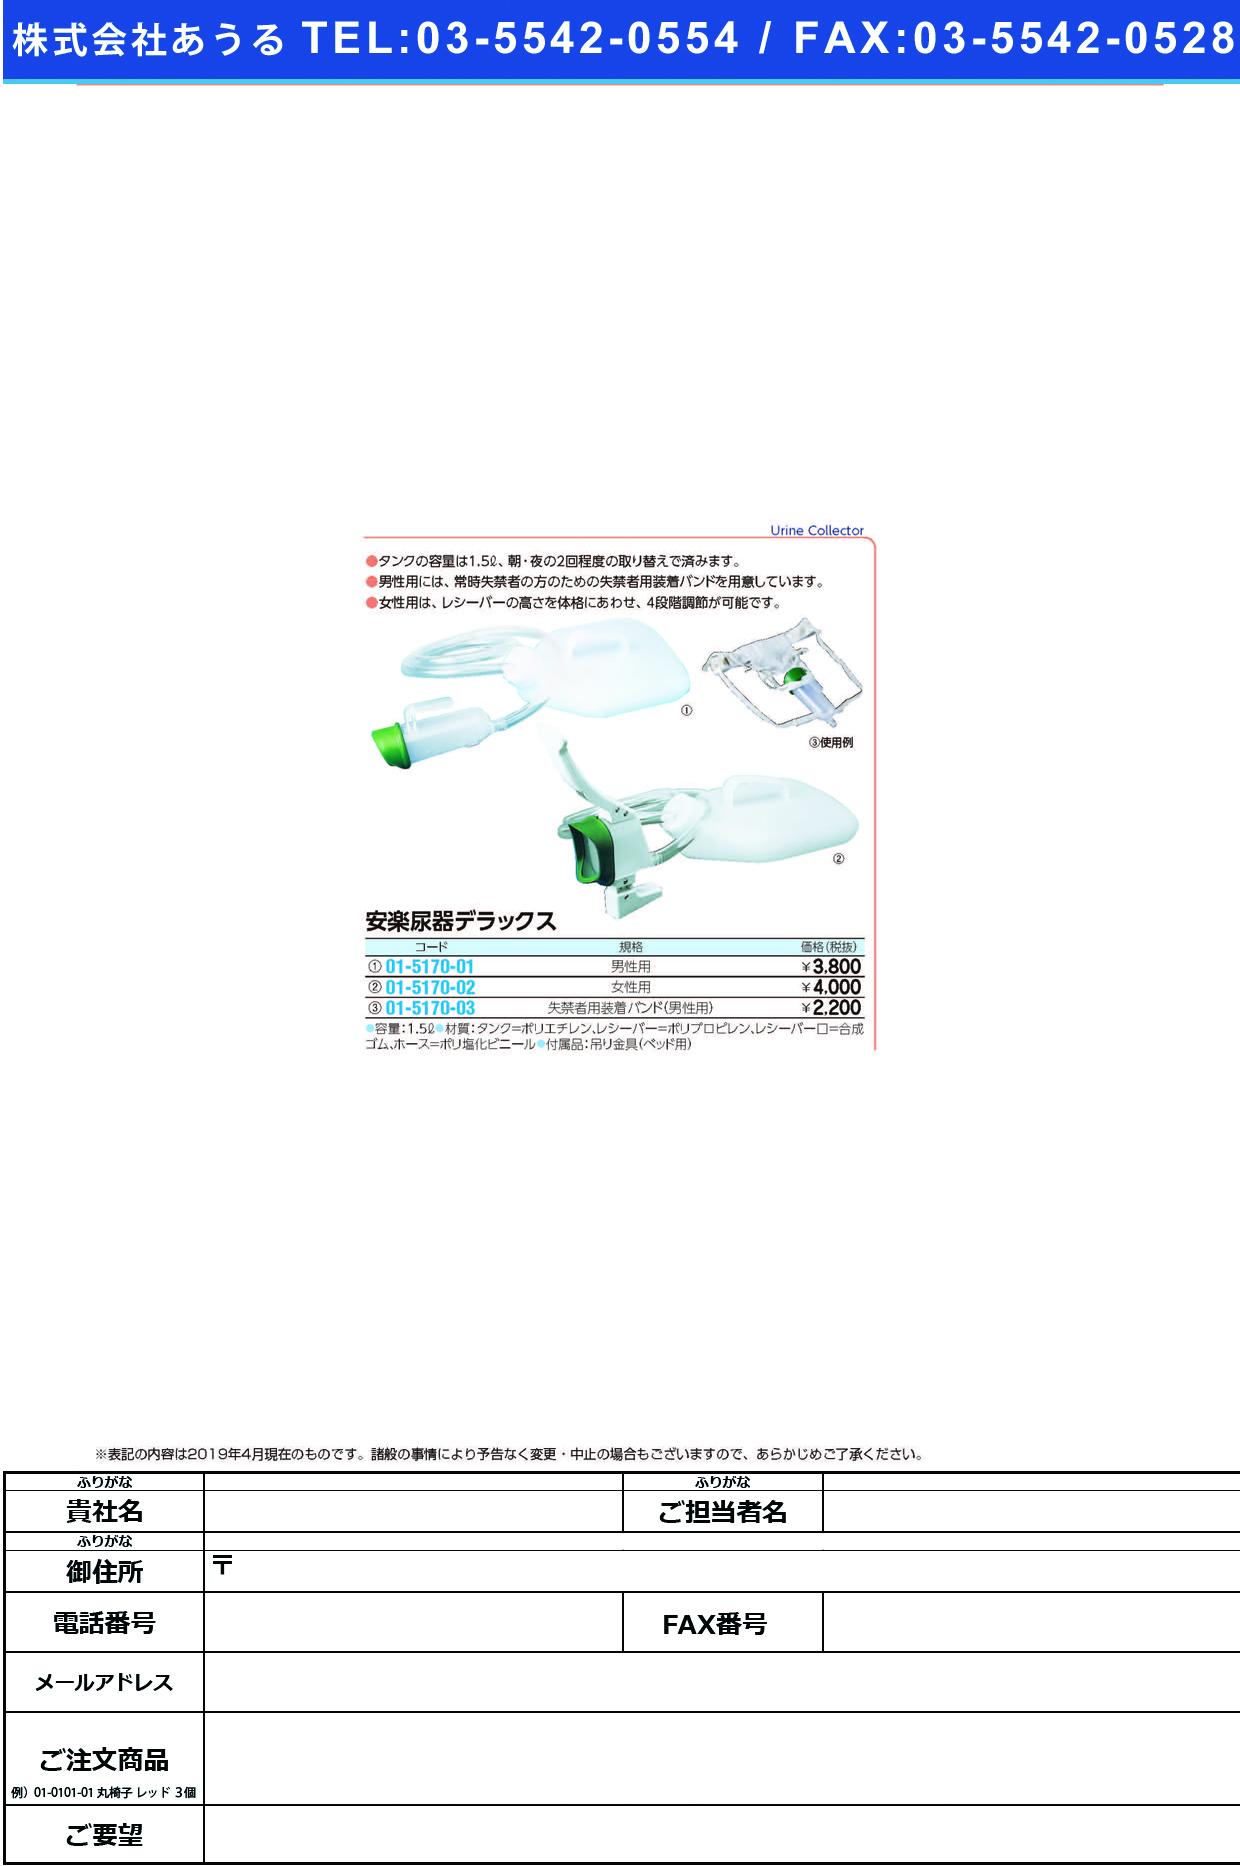 (01-5170-02)安楽尿器DX(女性用)  アンラクニョウキDXジョセイヨウ【1組単位】【2019年カタログ商品】